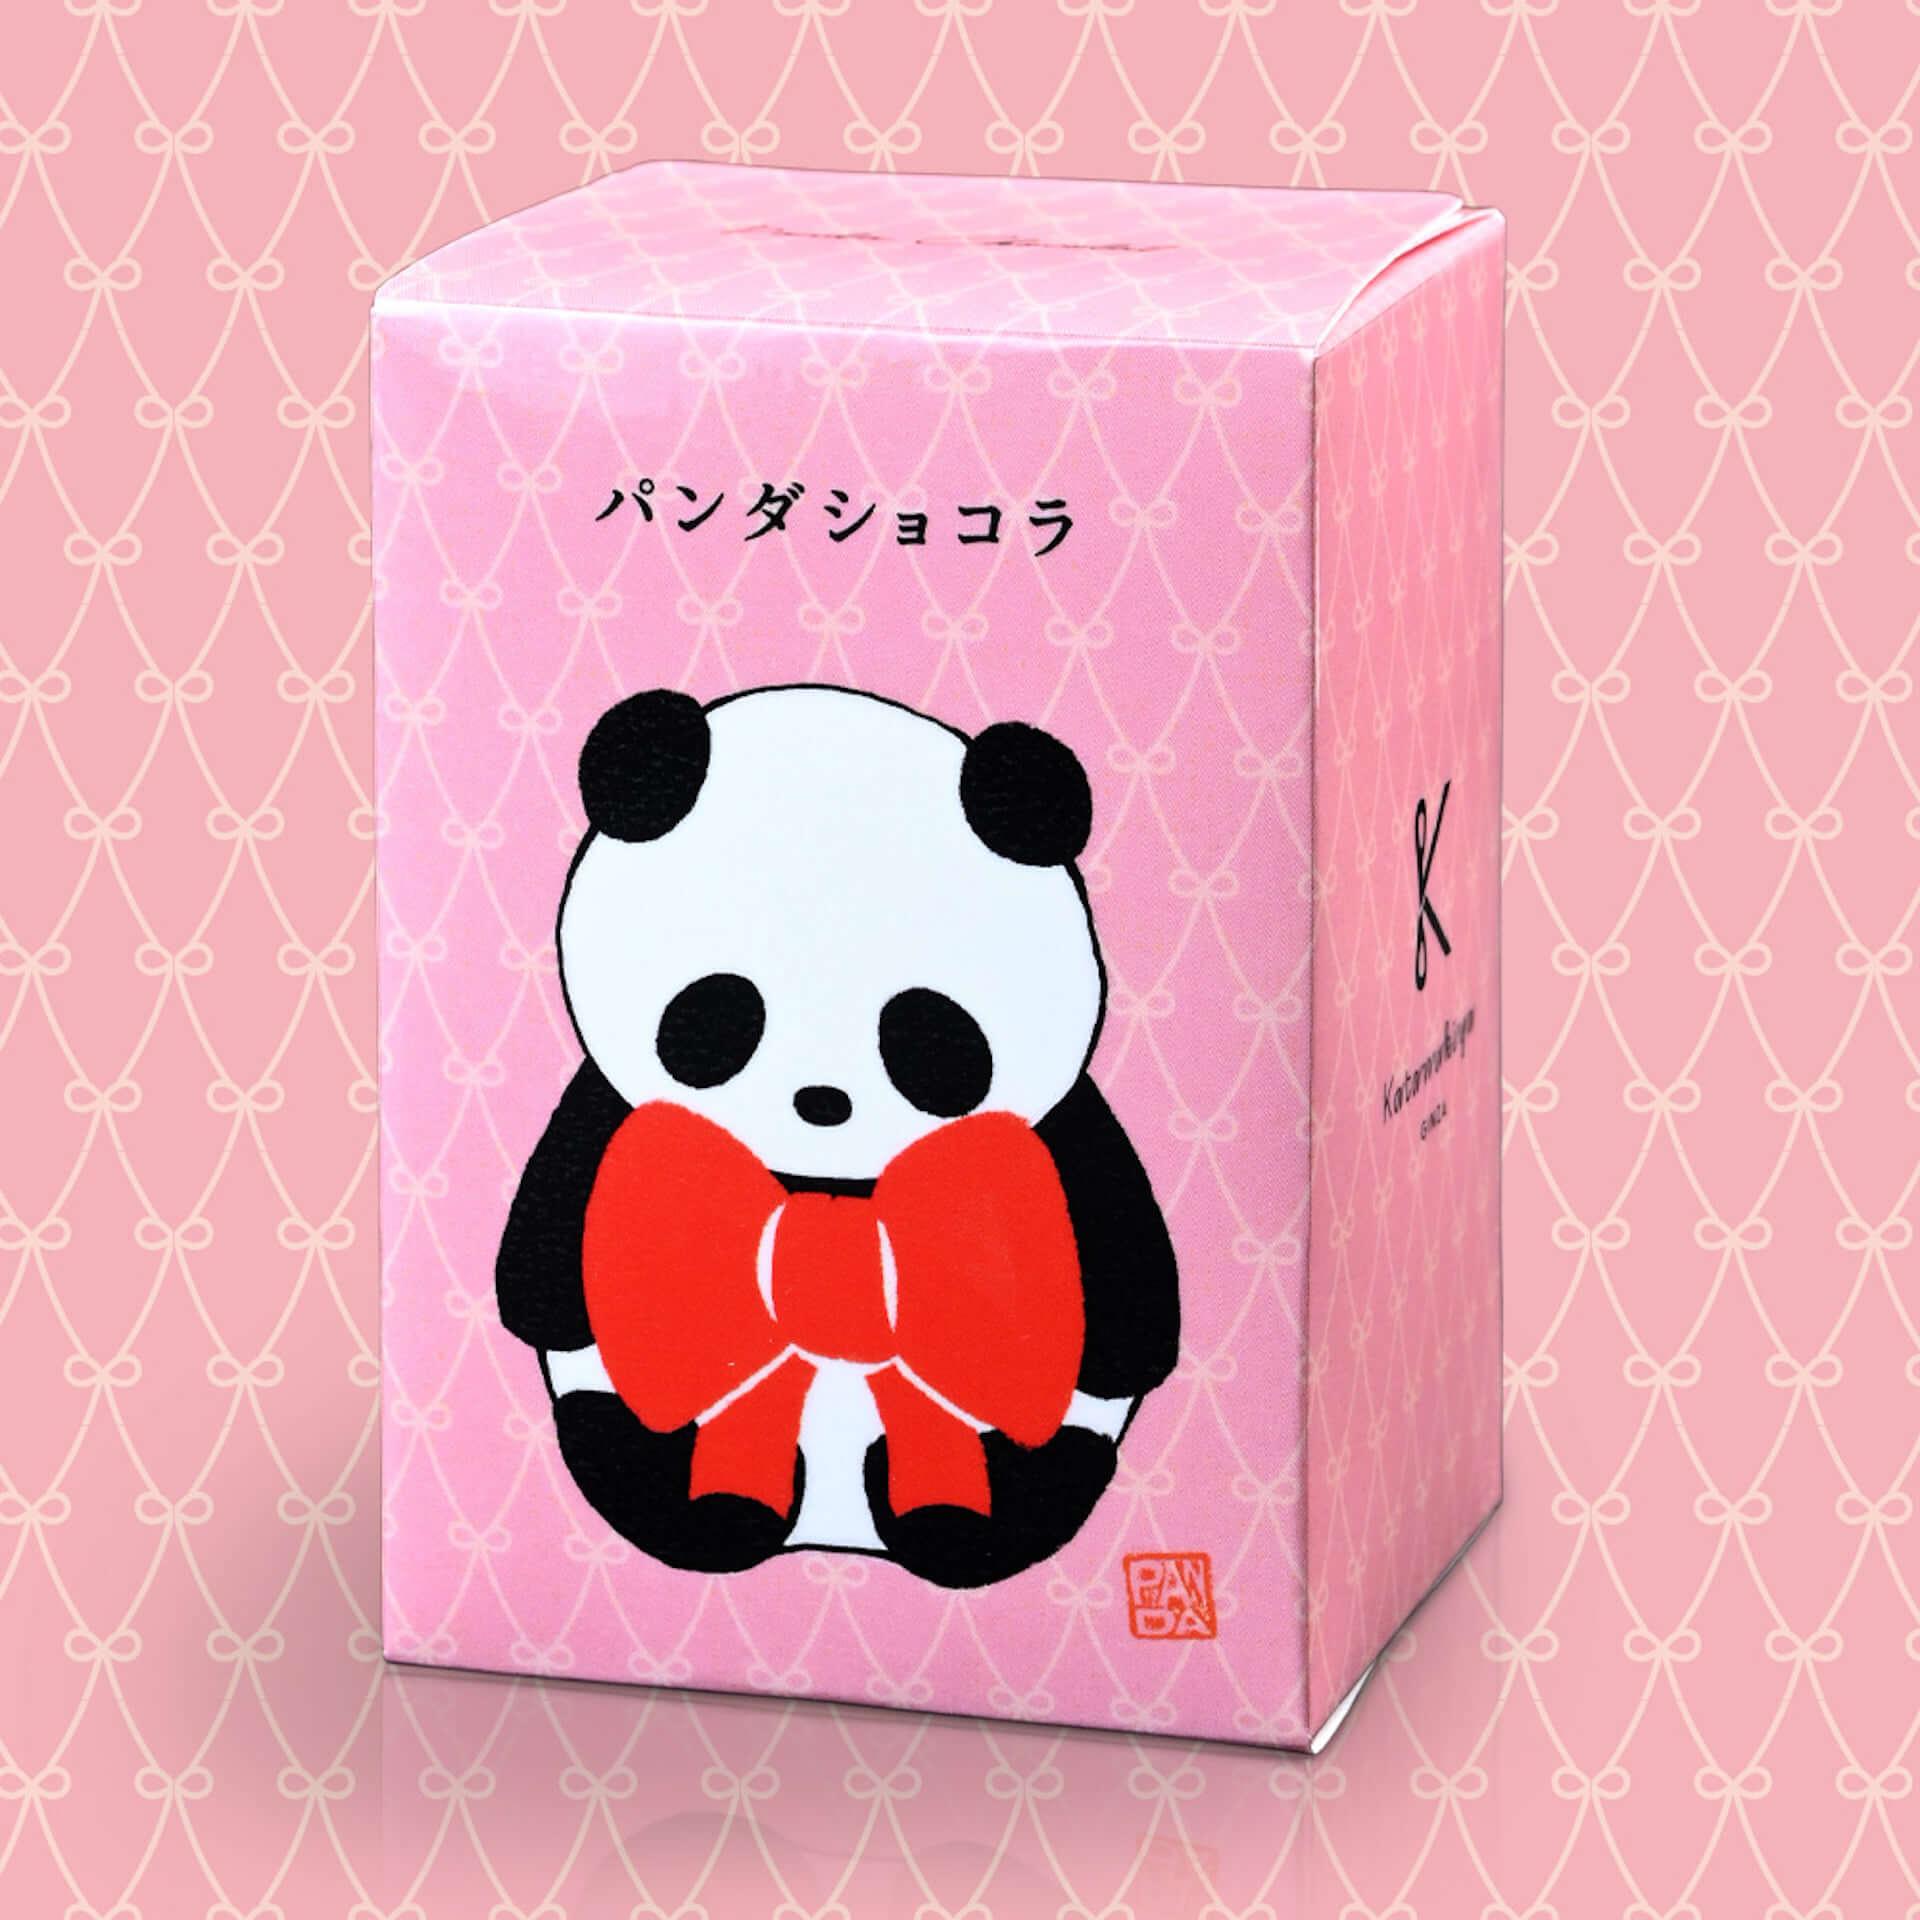 型ぬきができるバウムクーヘン『パンダバウム』にバレンタイン限定デザインが登場!ガトーショコラやココアバウムなど全3種が発売 gourmet210121_katanuki-ya_5-1920x1920